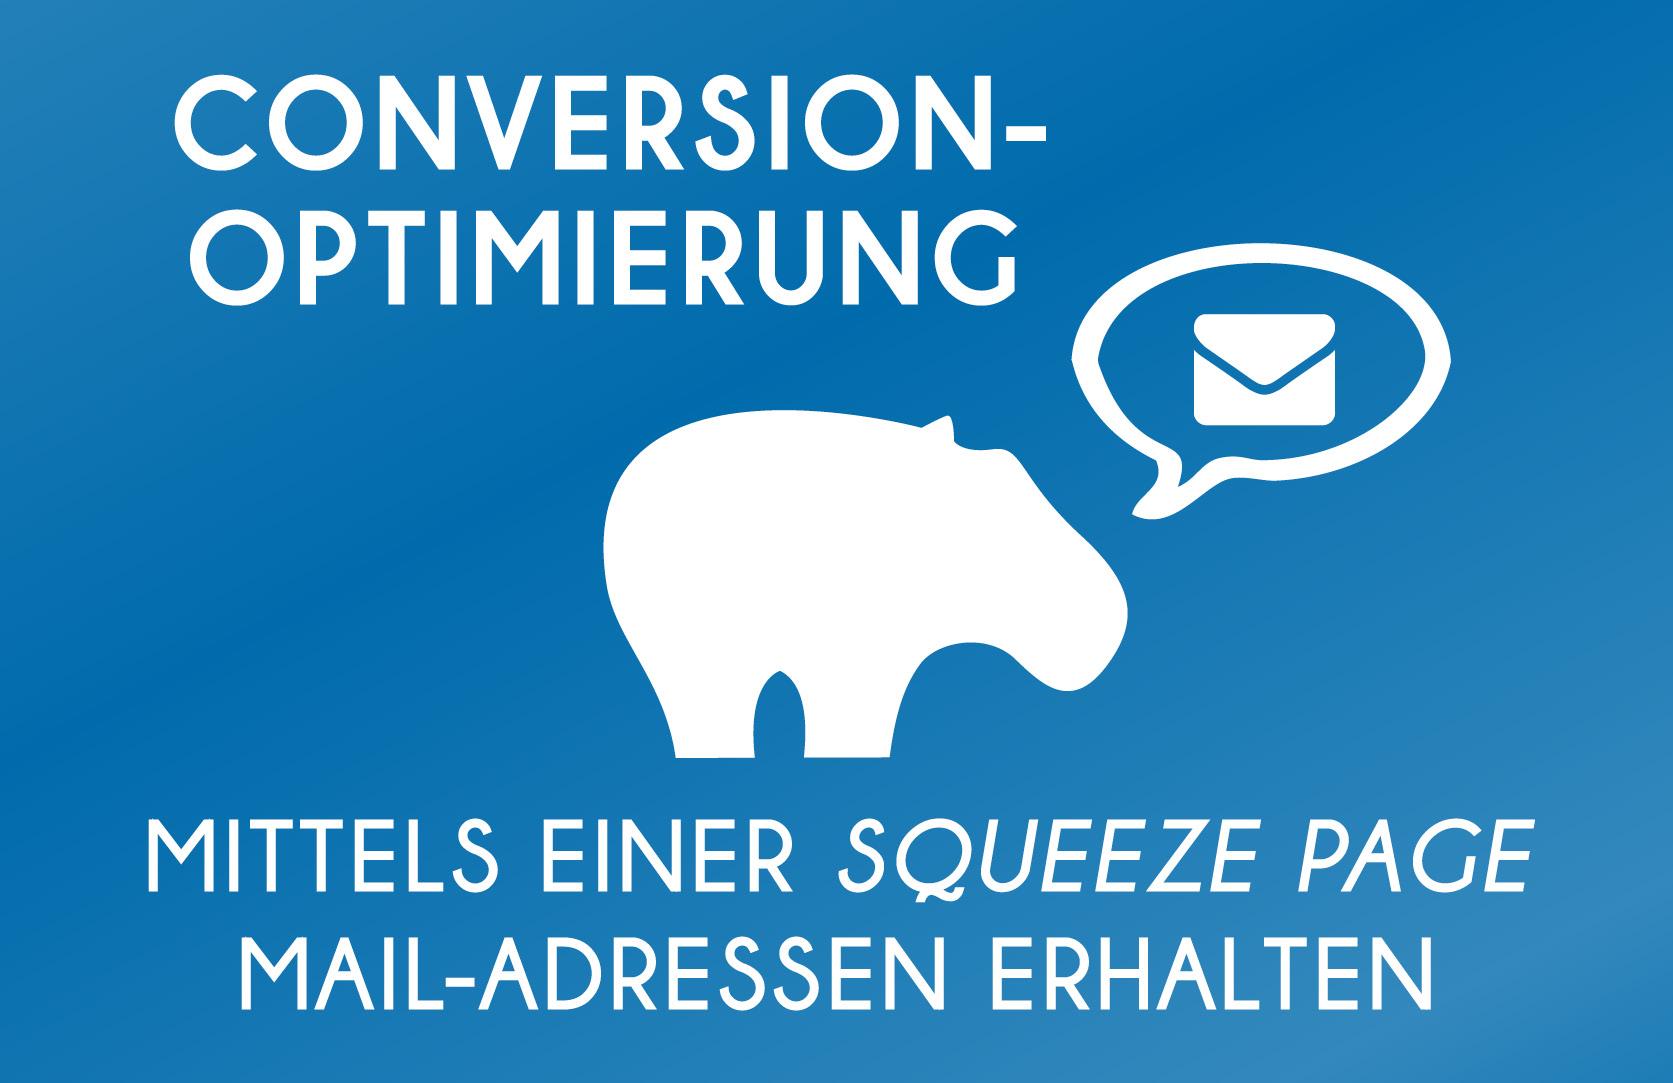 Conversion Optimierung mittels einer Squeeze Page Mail Adressen erhalten